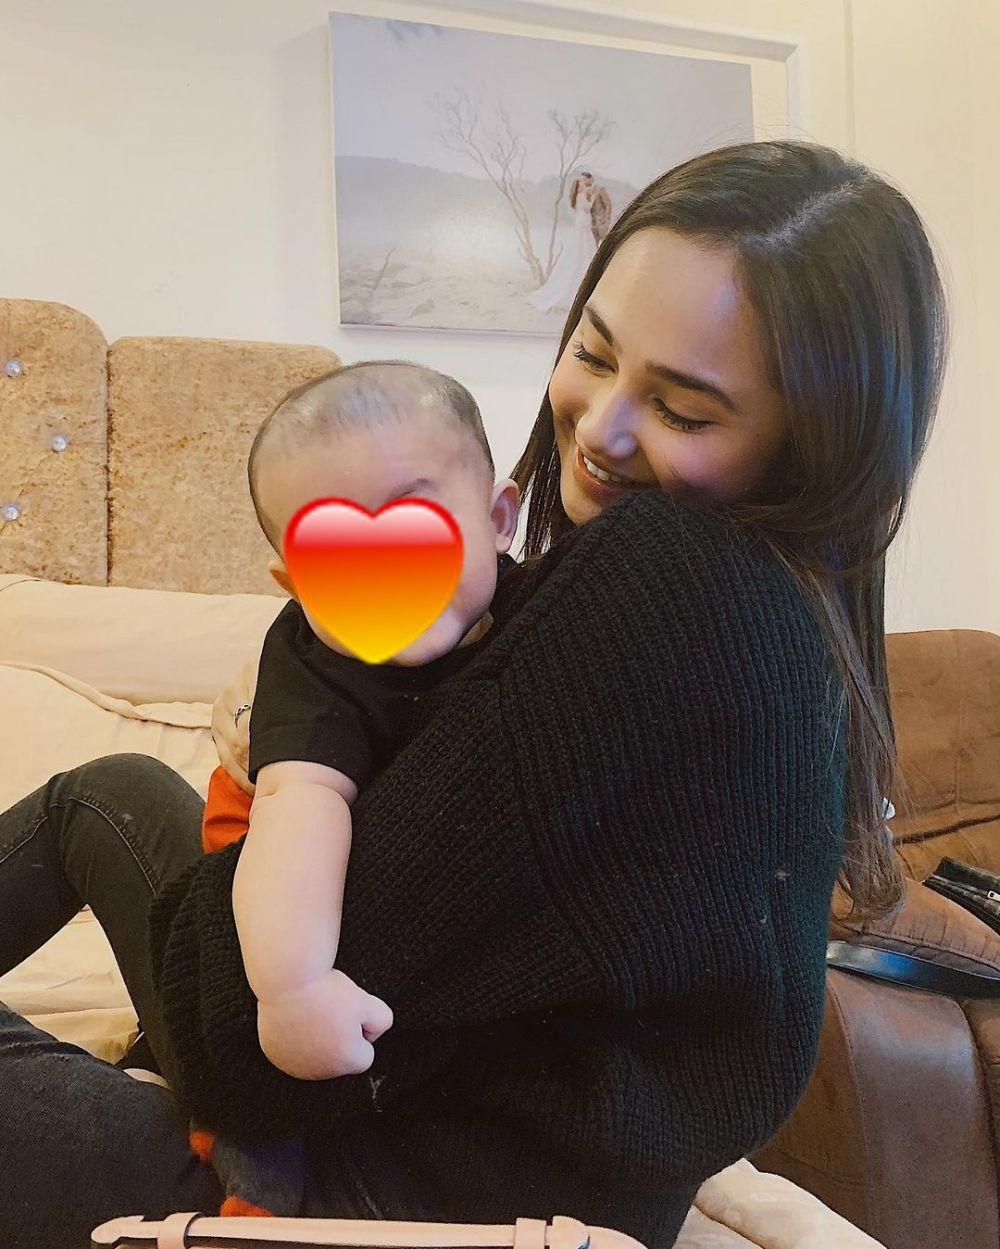 seleb dekat dengan keponakan pacar © Instagram